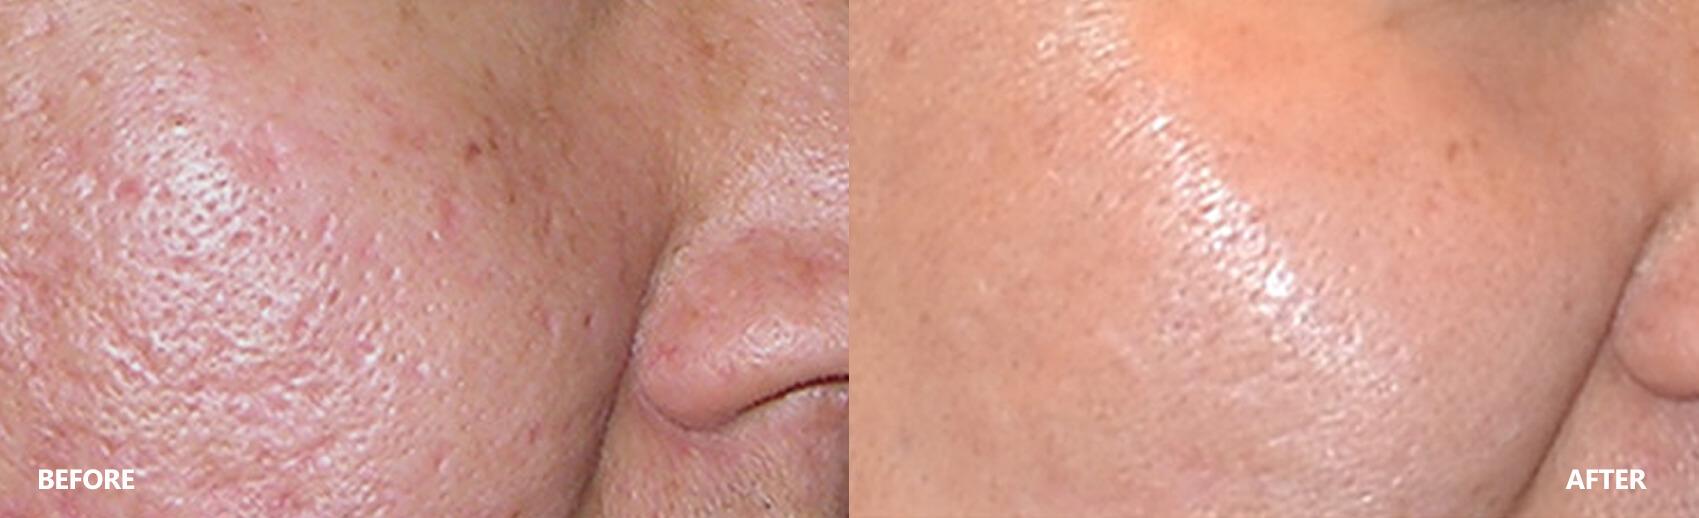 scar-result-5